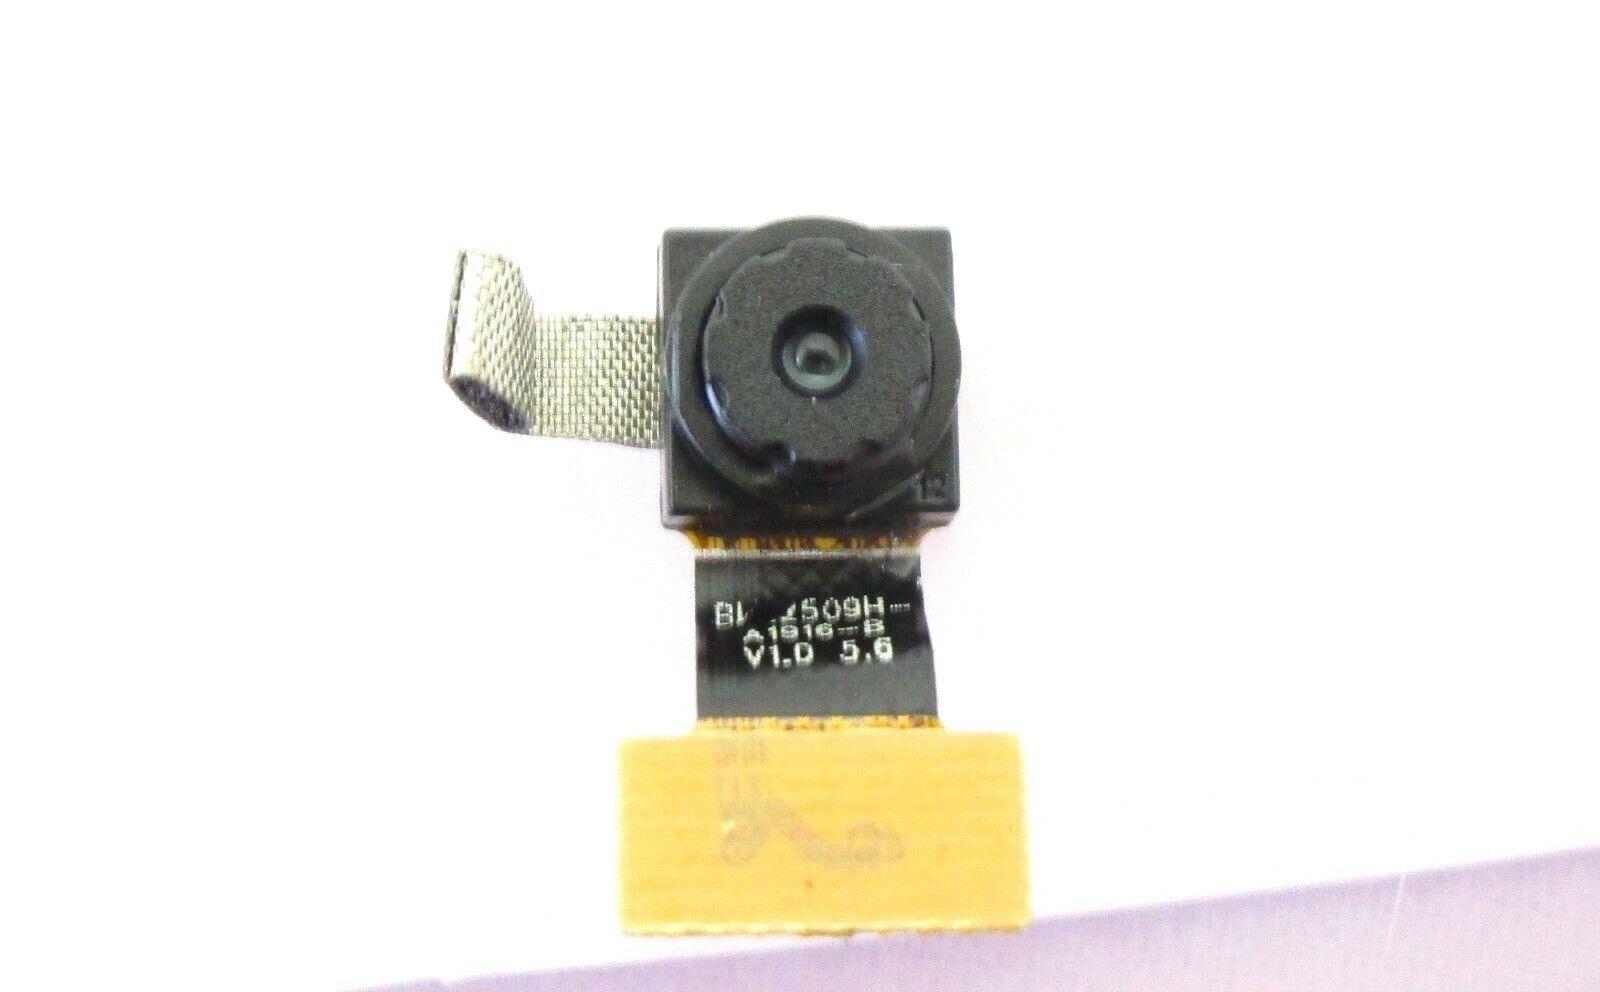 Oem amazon kindle fire 7 sr043kl 7th génération remplacement arrière caméra